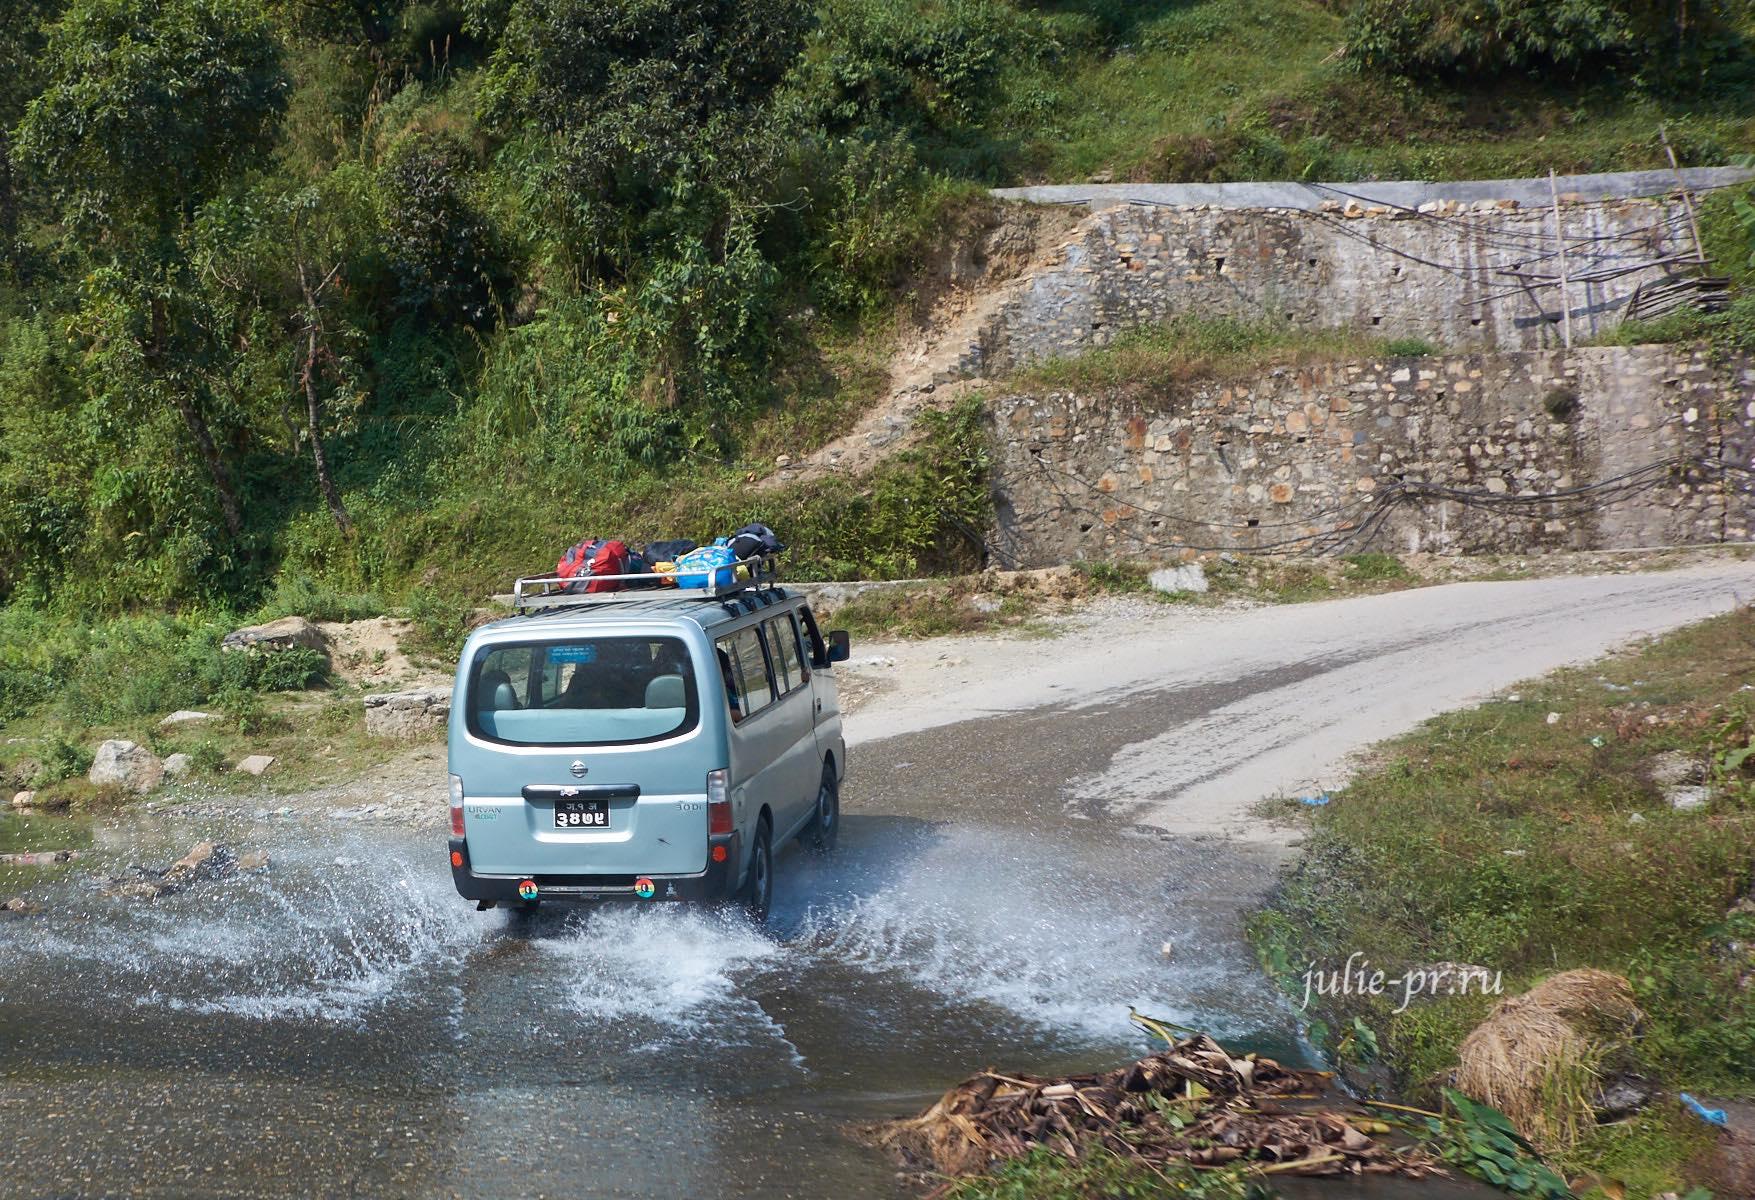 Непал, дорога, автомобиль проезжает ручей вброд